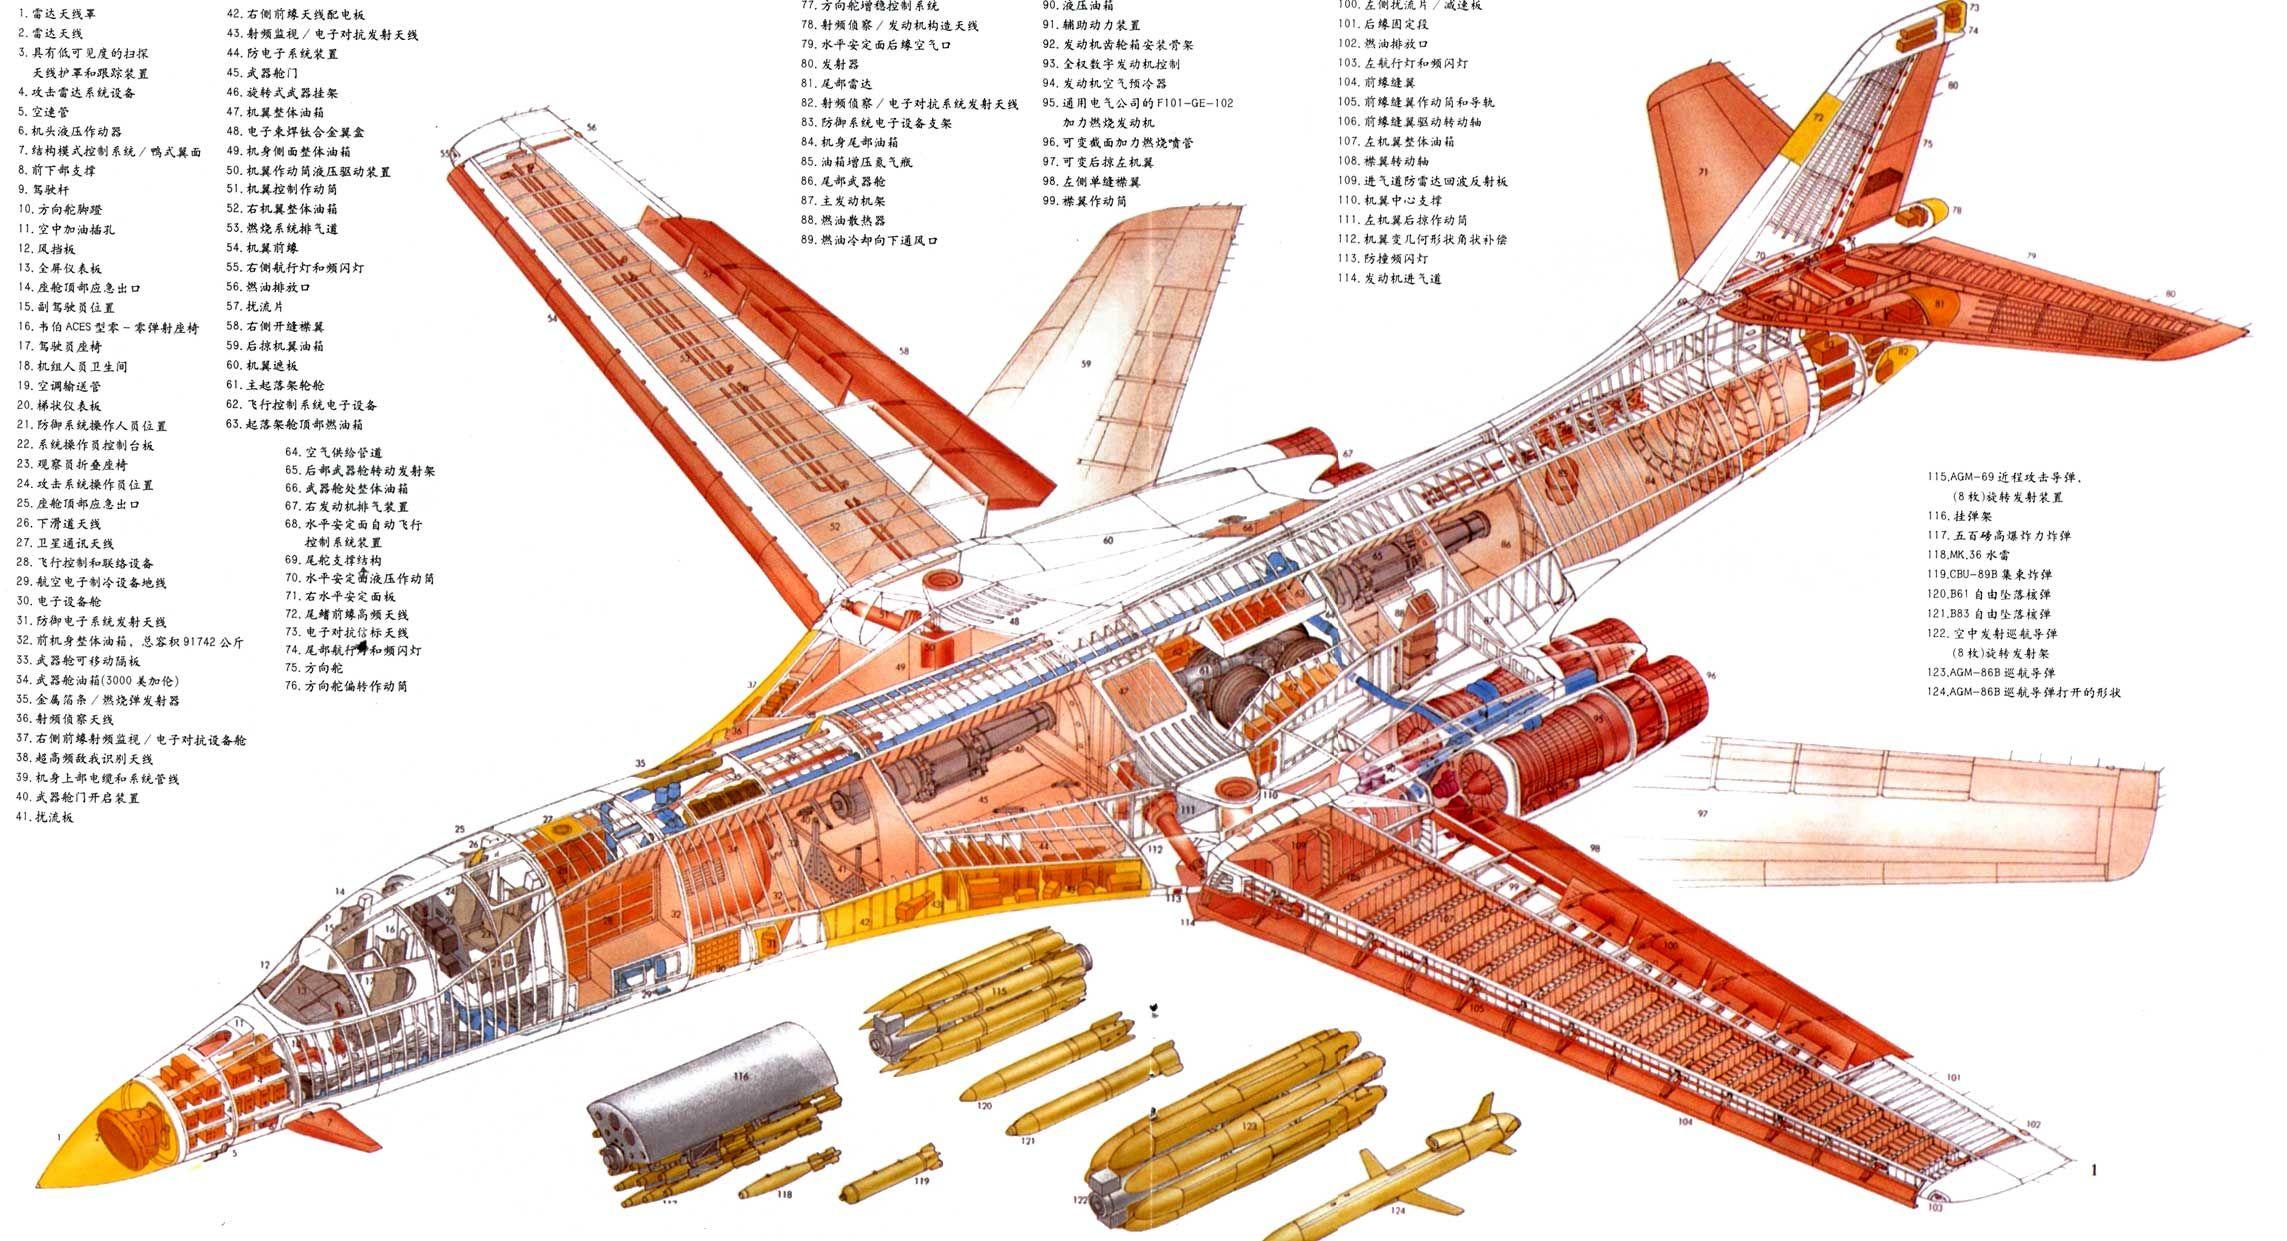 Long Range Strike Bomber program